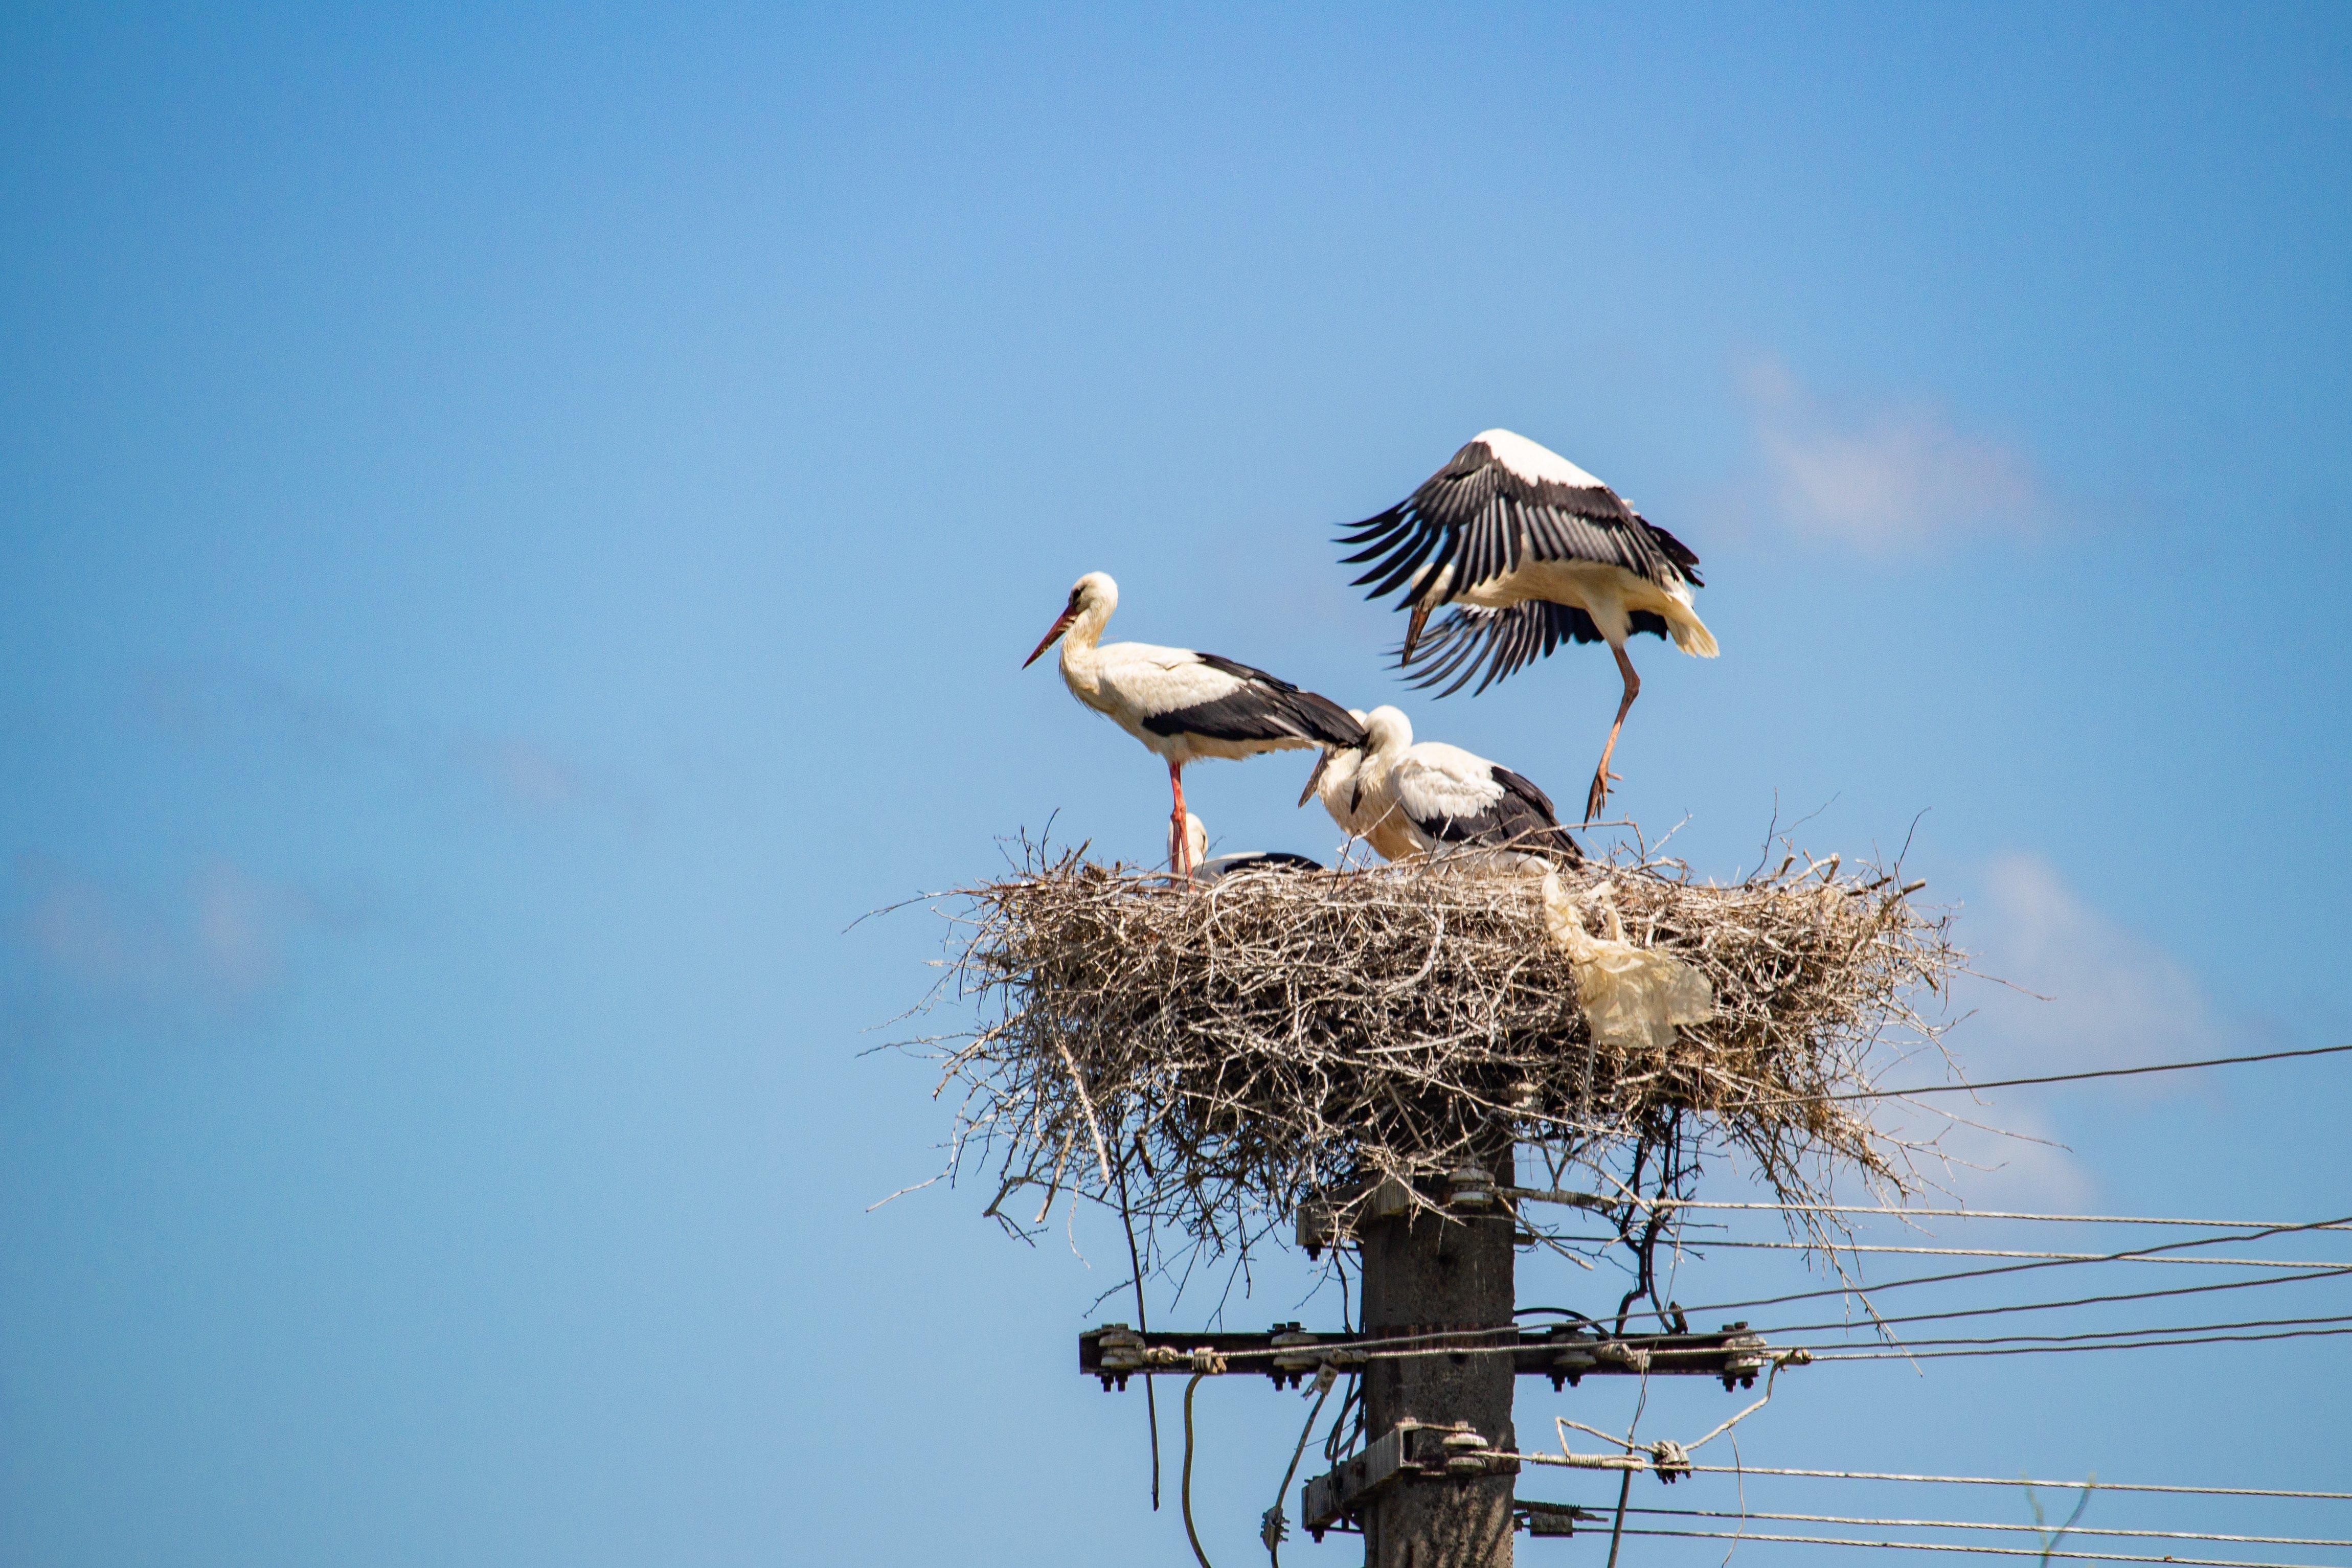 Érdekességek a fehér gólya fészkében